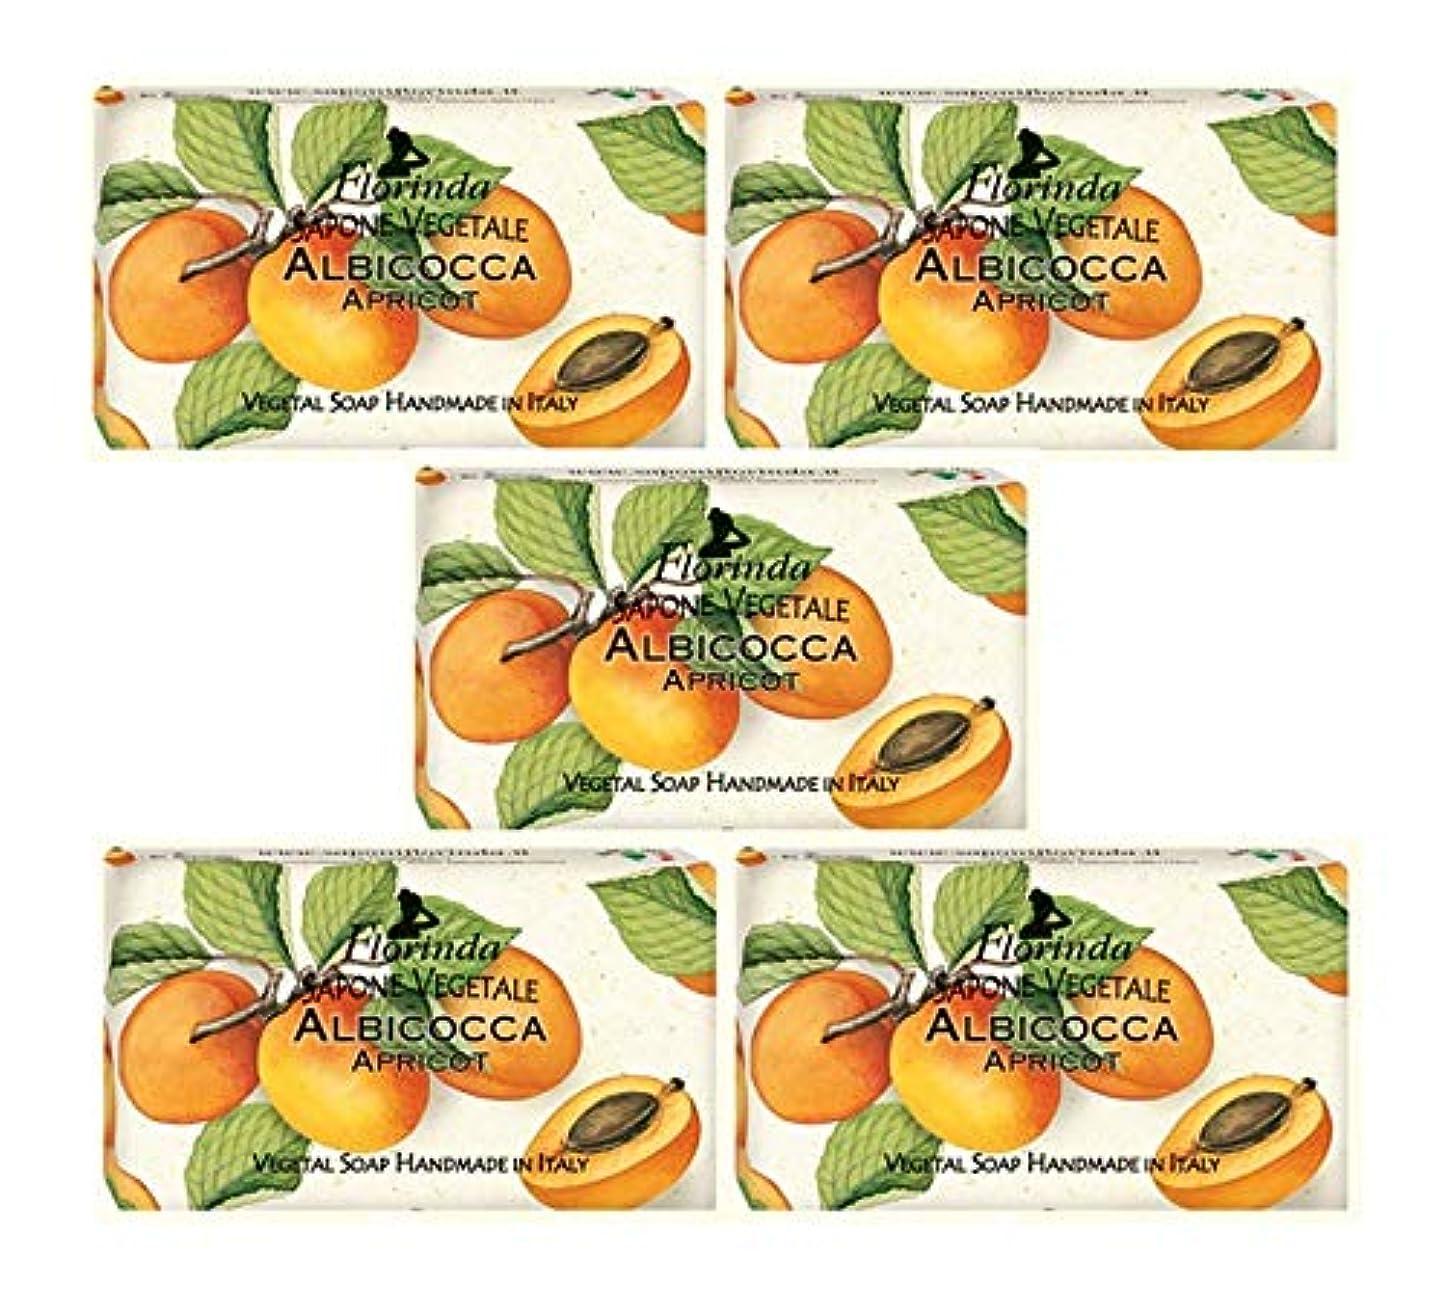 ちょうつがい美的橋脚フロリンダ フレグランスソープ 固形石けん フルーツの香り アプリコット 95g×5個セット